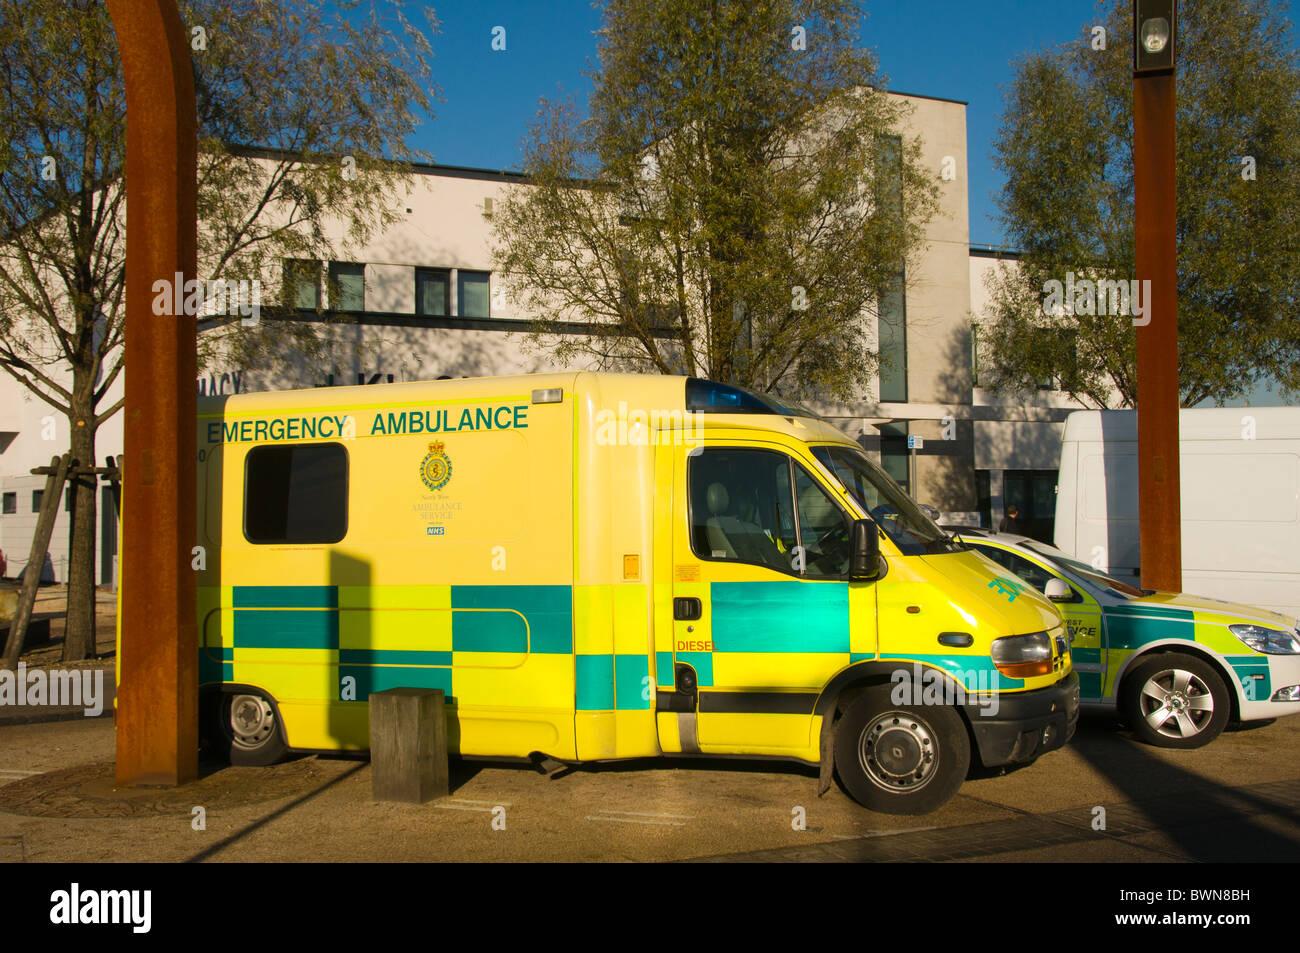 Emergency ambulance outside Ancoats Primary Care Centre, New Islington, Manchester, England, UK - Stock Image